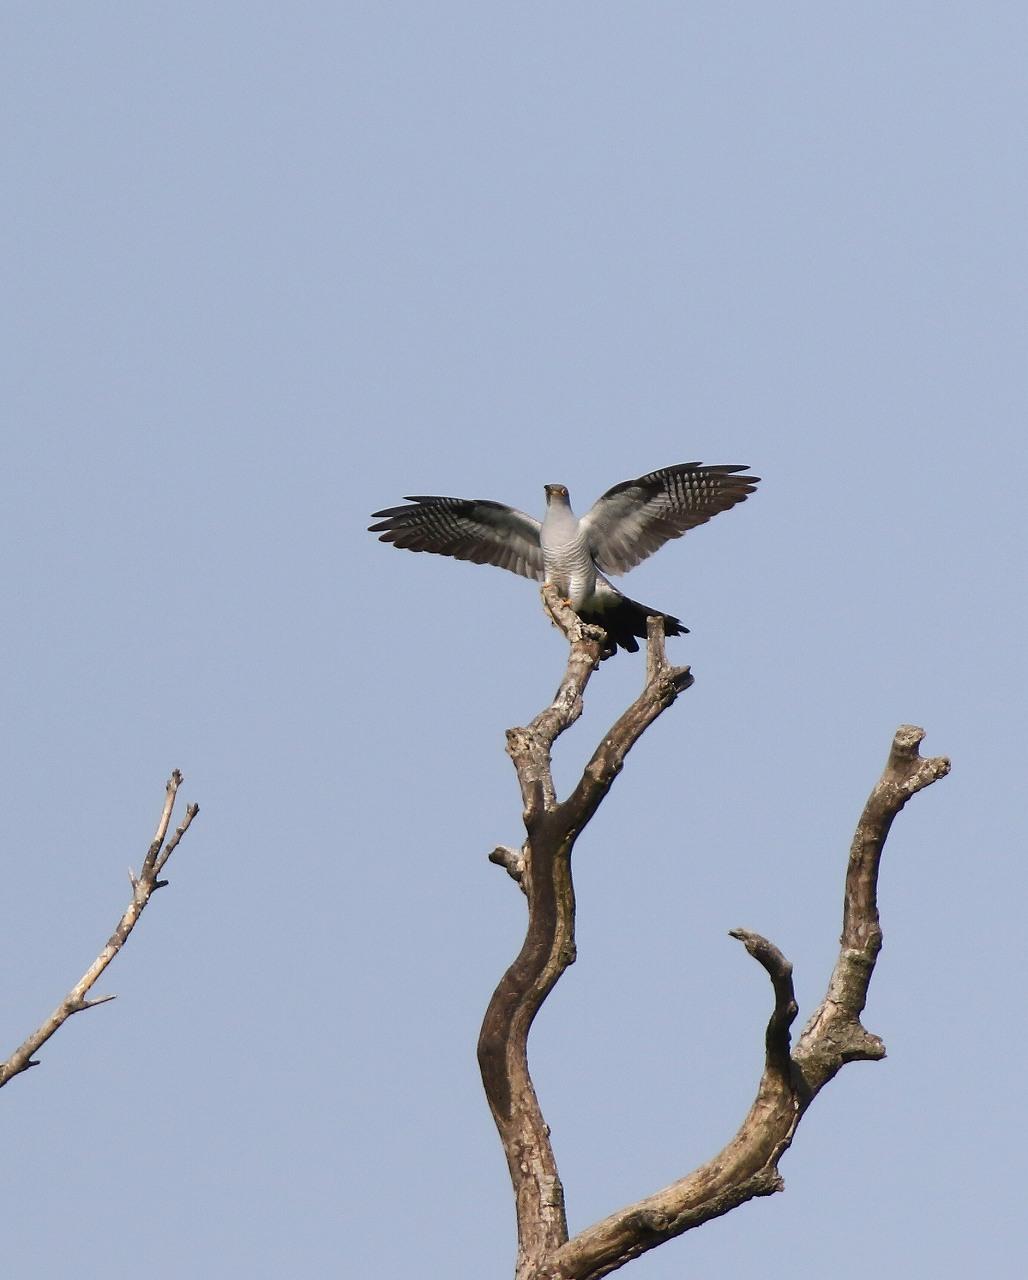 カッコウの飛び付きから飛び出しまで_f0296999_16465361.jpg